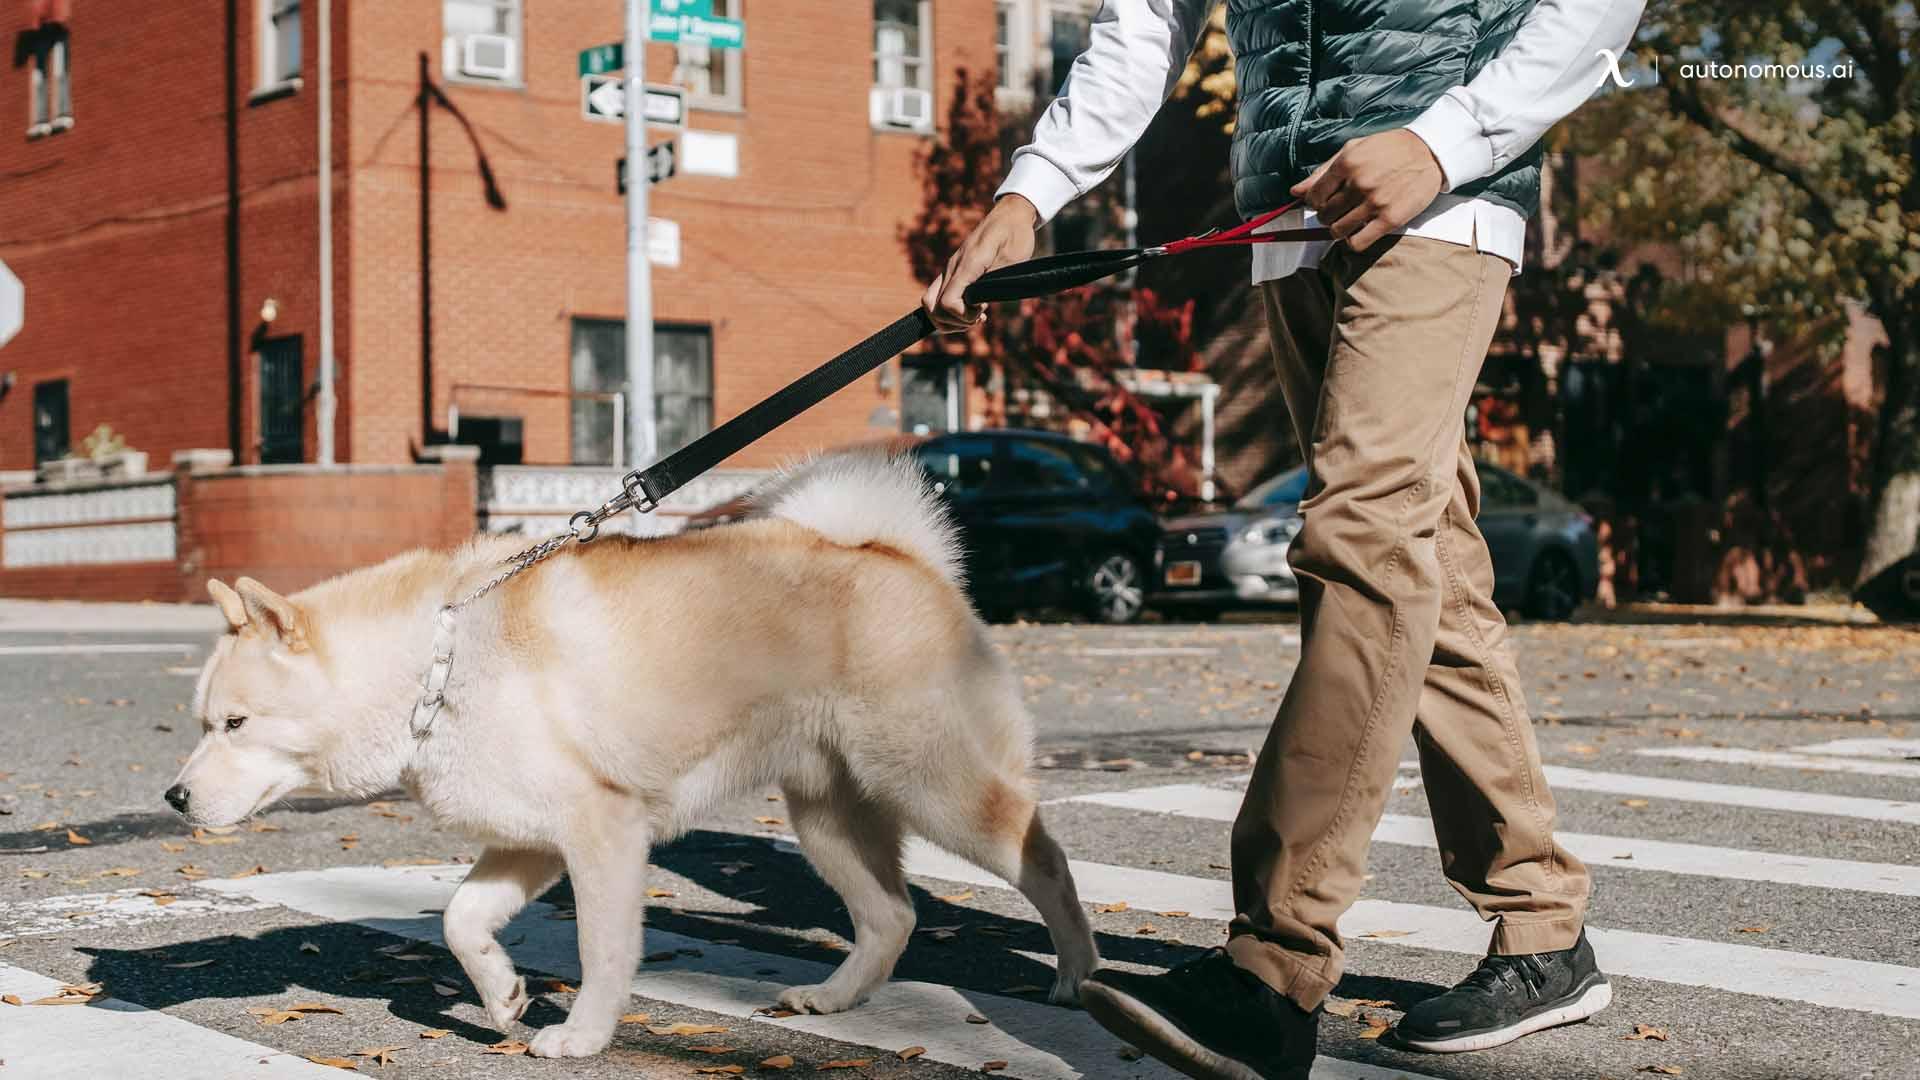 Pet sitter or dog walker